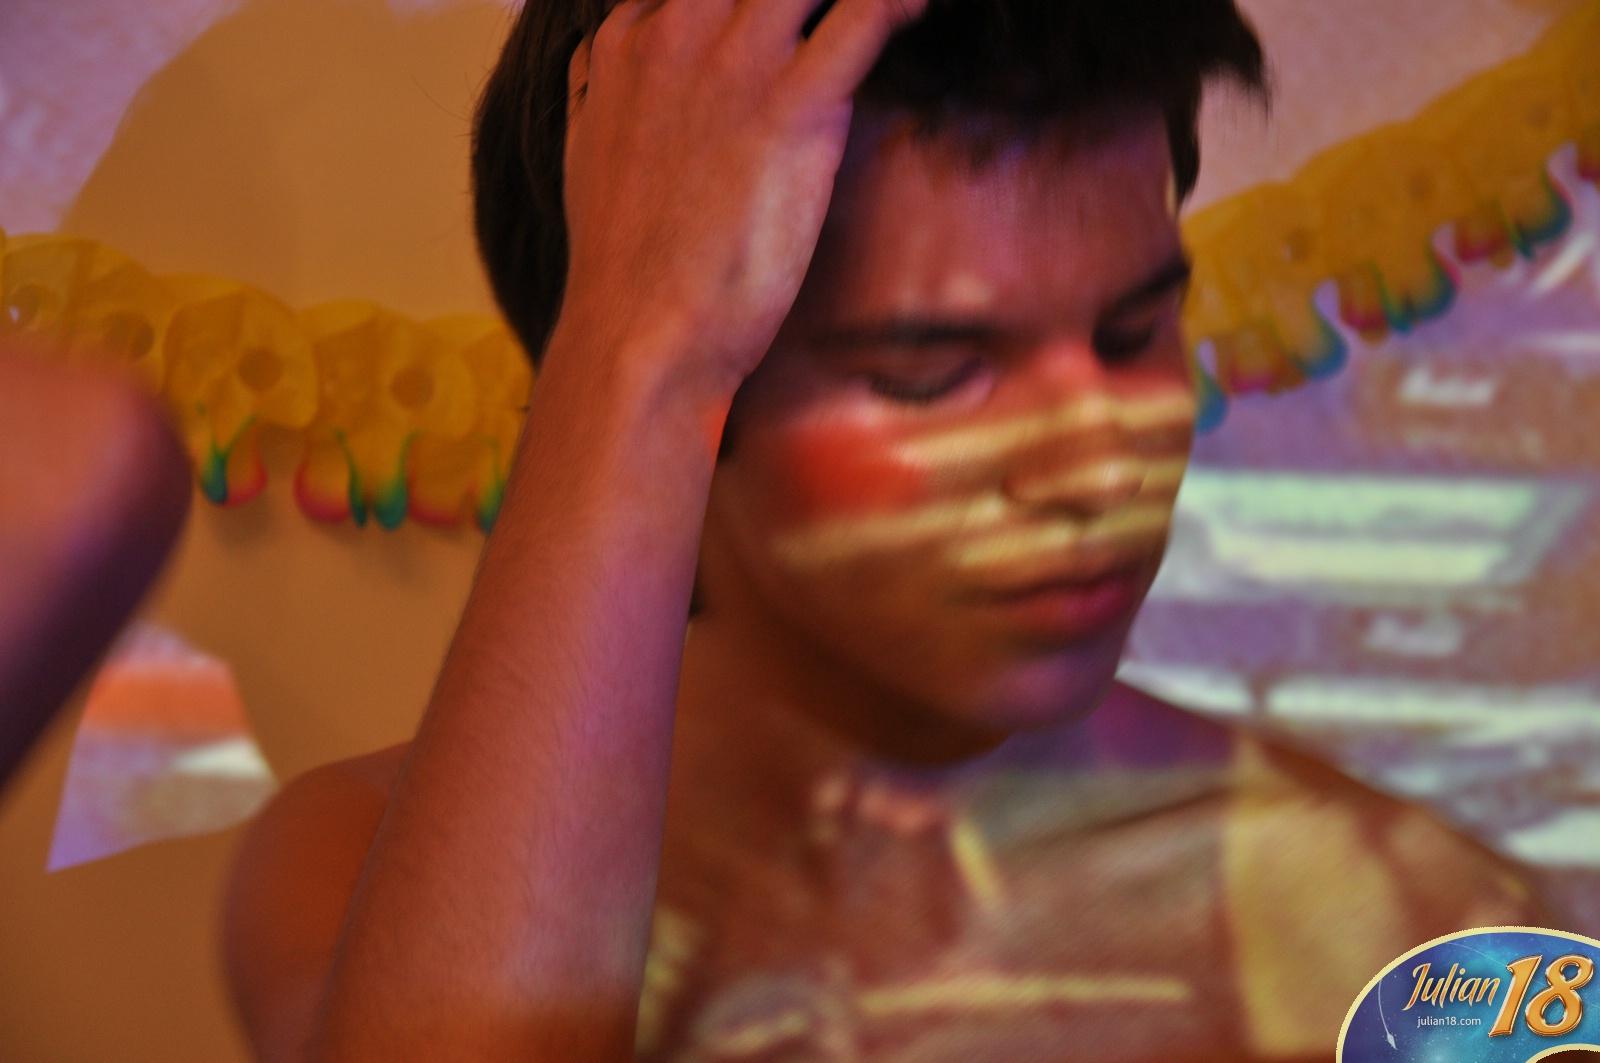 sex gay 18 free gay ameteur porn